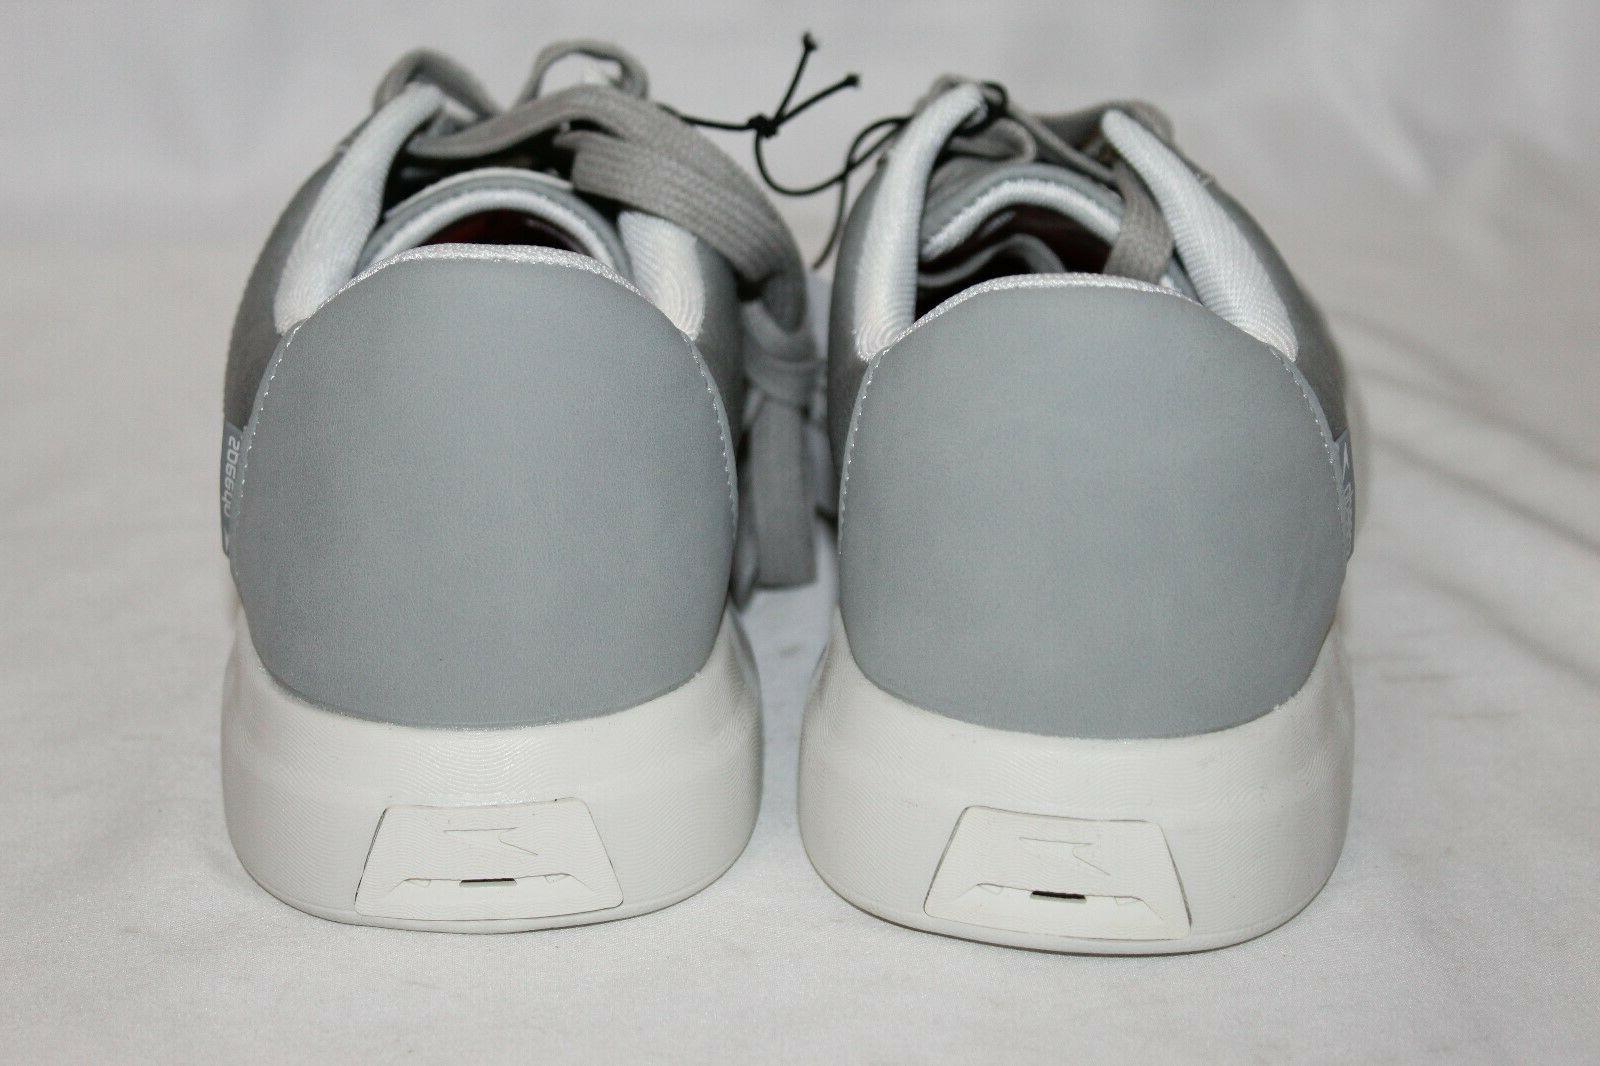 NEW Speedo Water Shoes Mens Quart Hybrid Sneaker NWOB